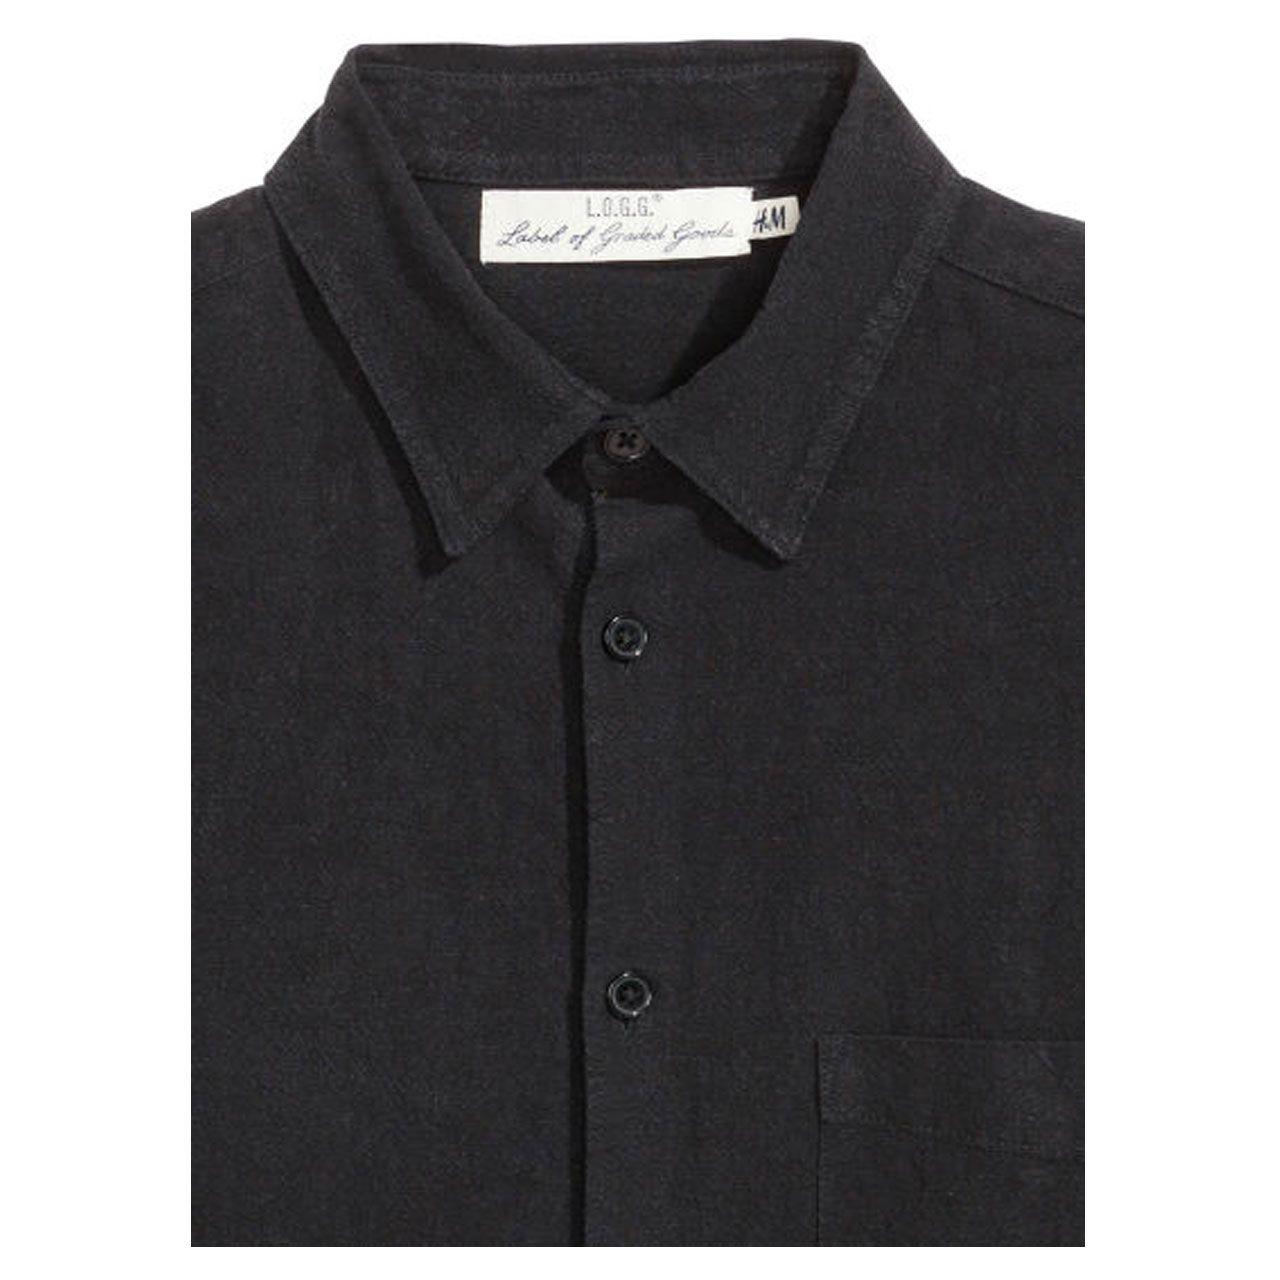 پیراهن مردانه اچ اند ام کد 2211 -  - 3